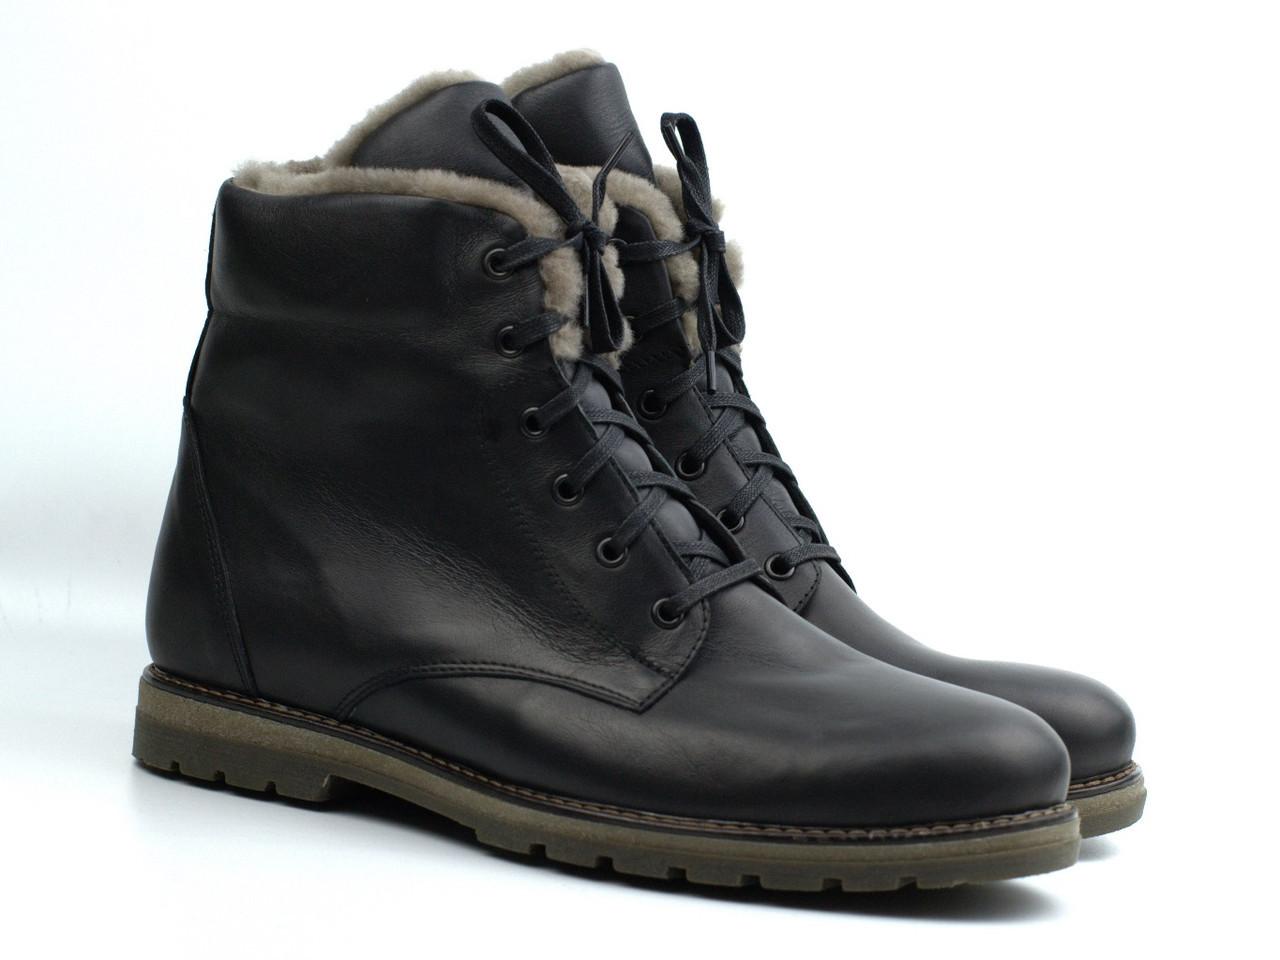 Зимние ботинки на натуральном меху мужская обувь Rosso Avangard Whisper Beaver Lamb MED